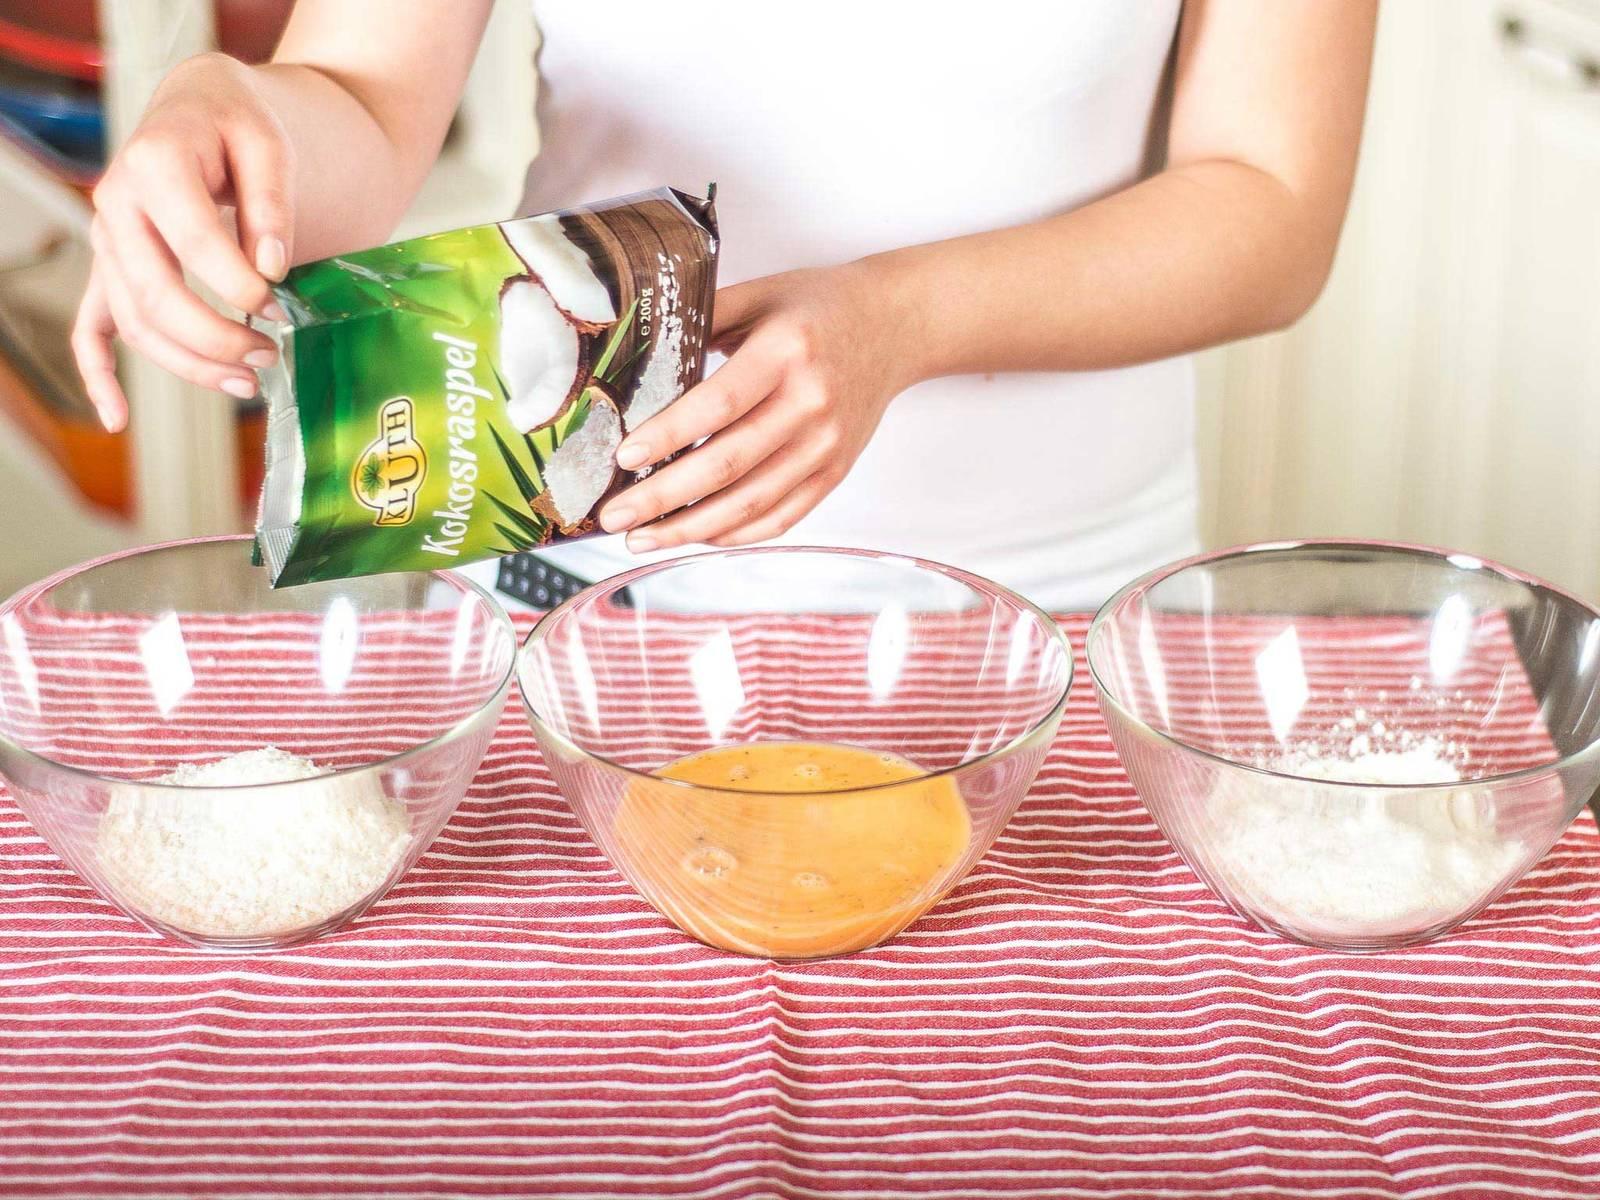 Eine Panierstraße mit drei Schüsseln bilden. In die erste Mehl geben. In der zweiten Eier mit Dijon-Senf und Currypulver verquirlen. In der dritten Panko-Mehl mit Kokosraspeln vermengen.